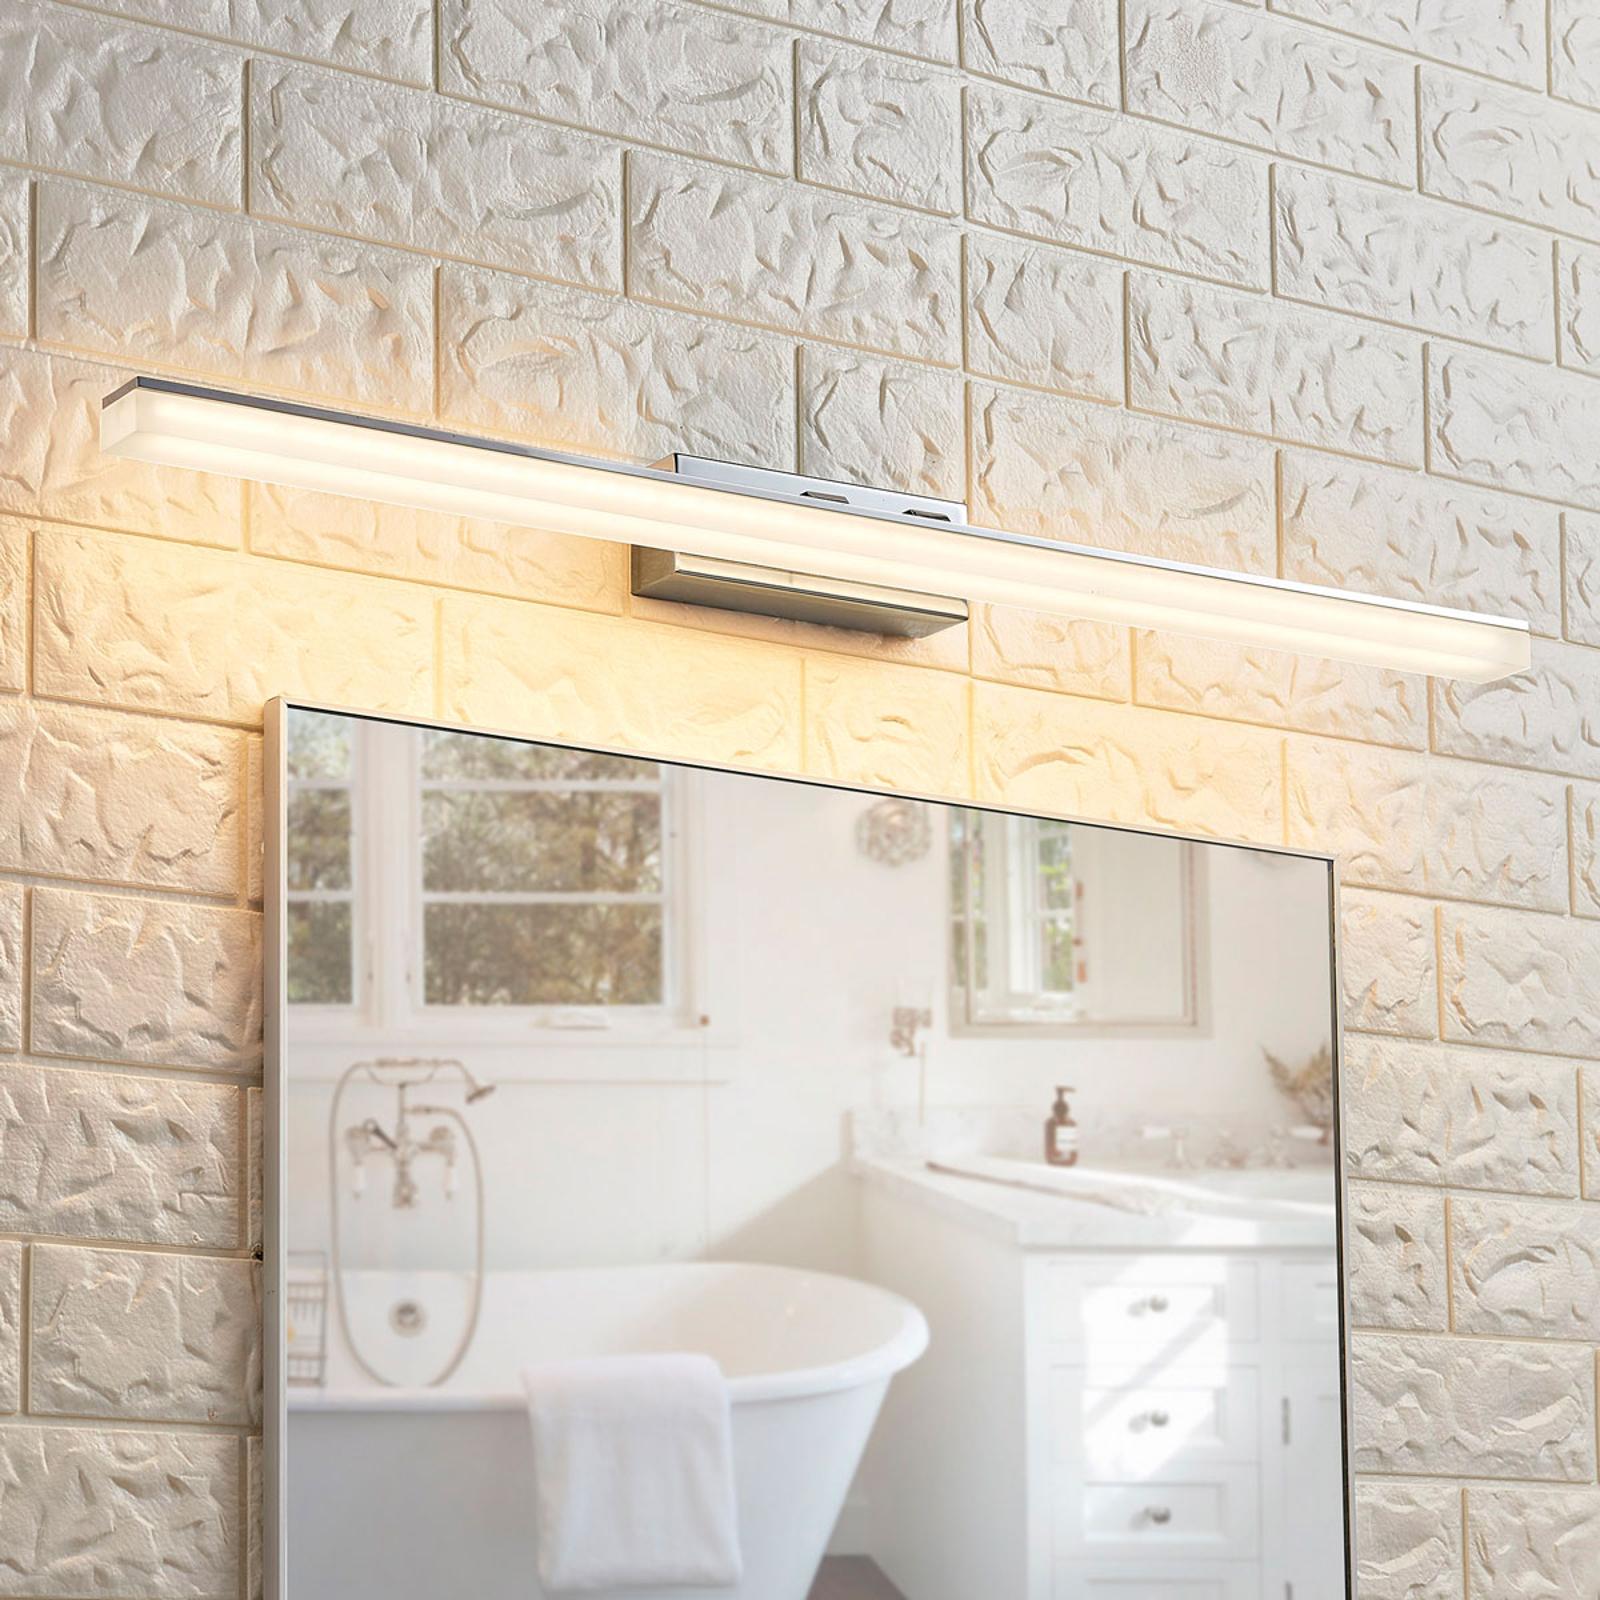 Längliche LED-Spiegelleuchte Julie, IP44